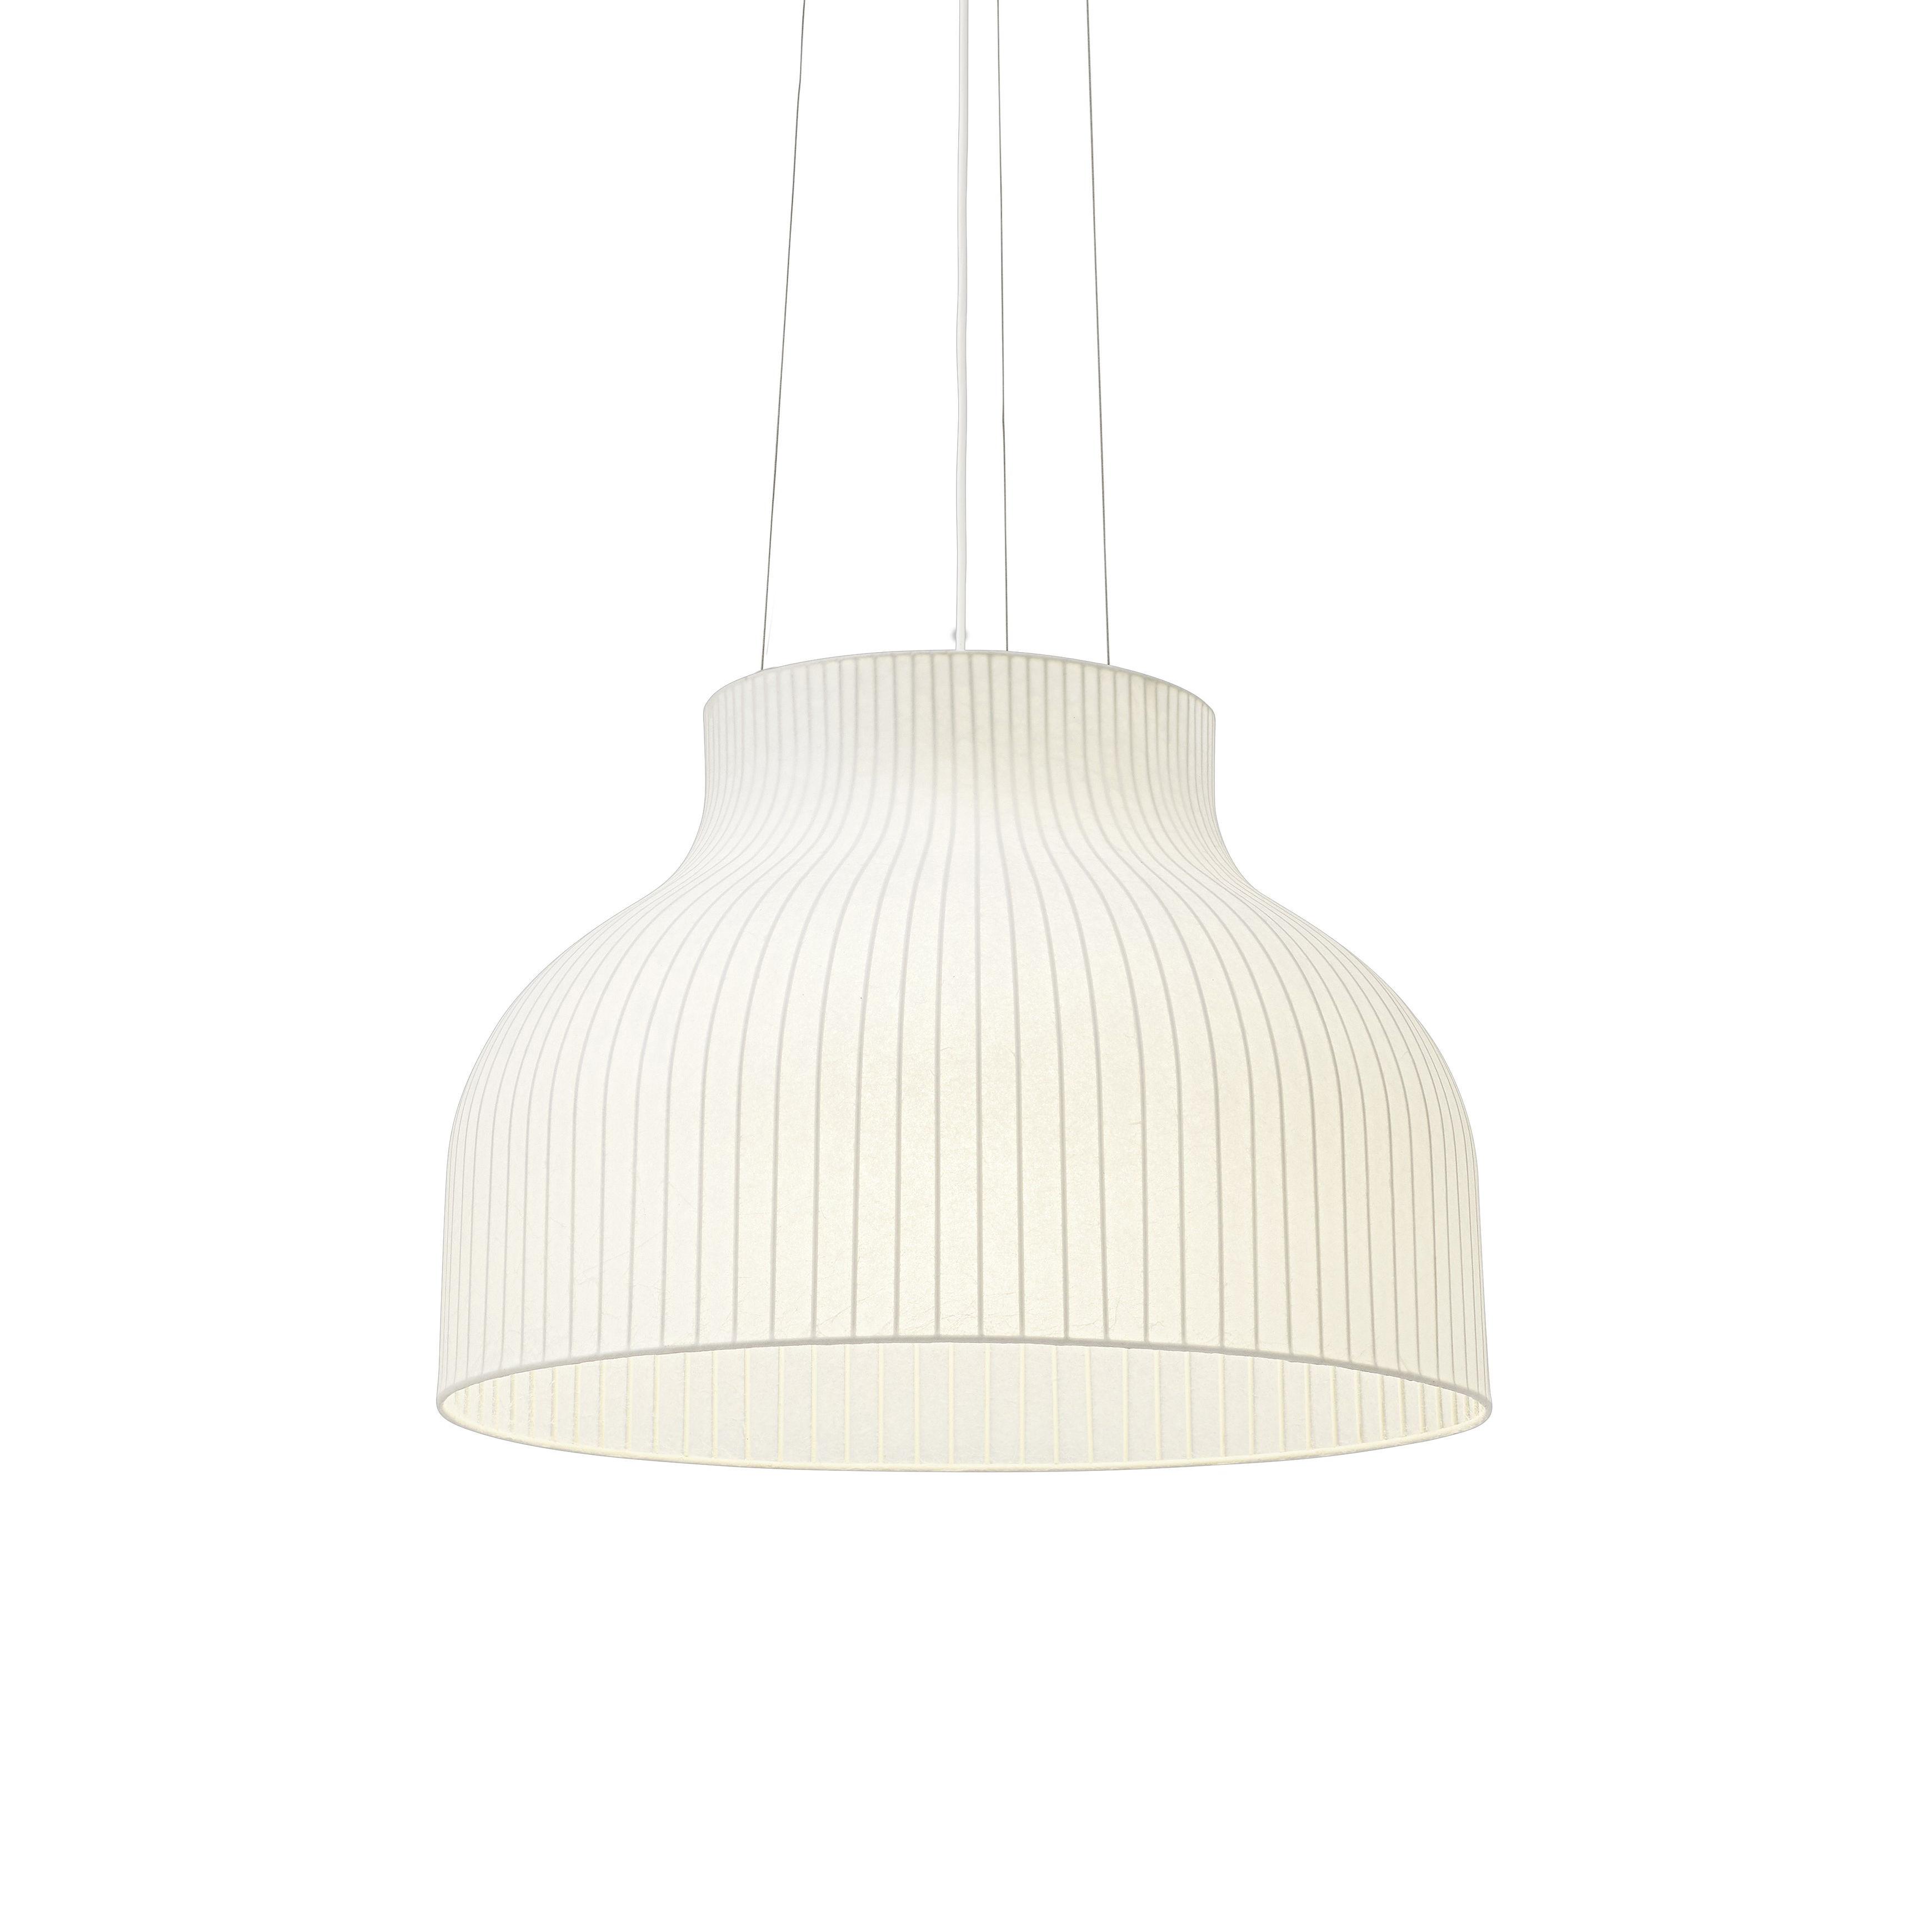 Luminaire - Suspensions - Suspension Strand Open / Ø 60 cm - Résine cocon - Muuto - Blanc - Acier, Résine cocon